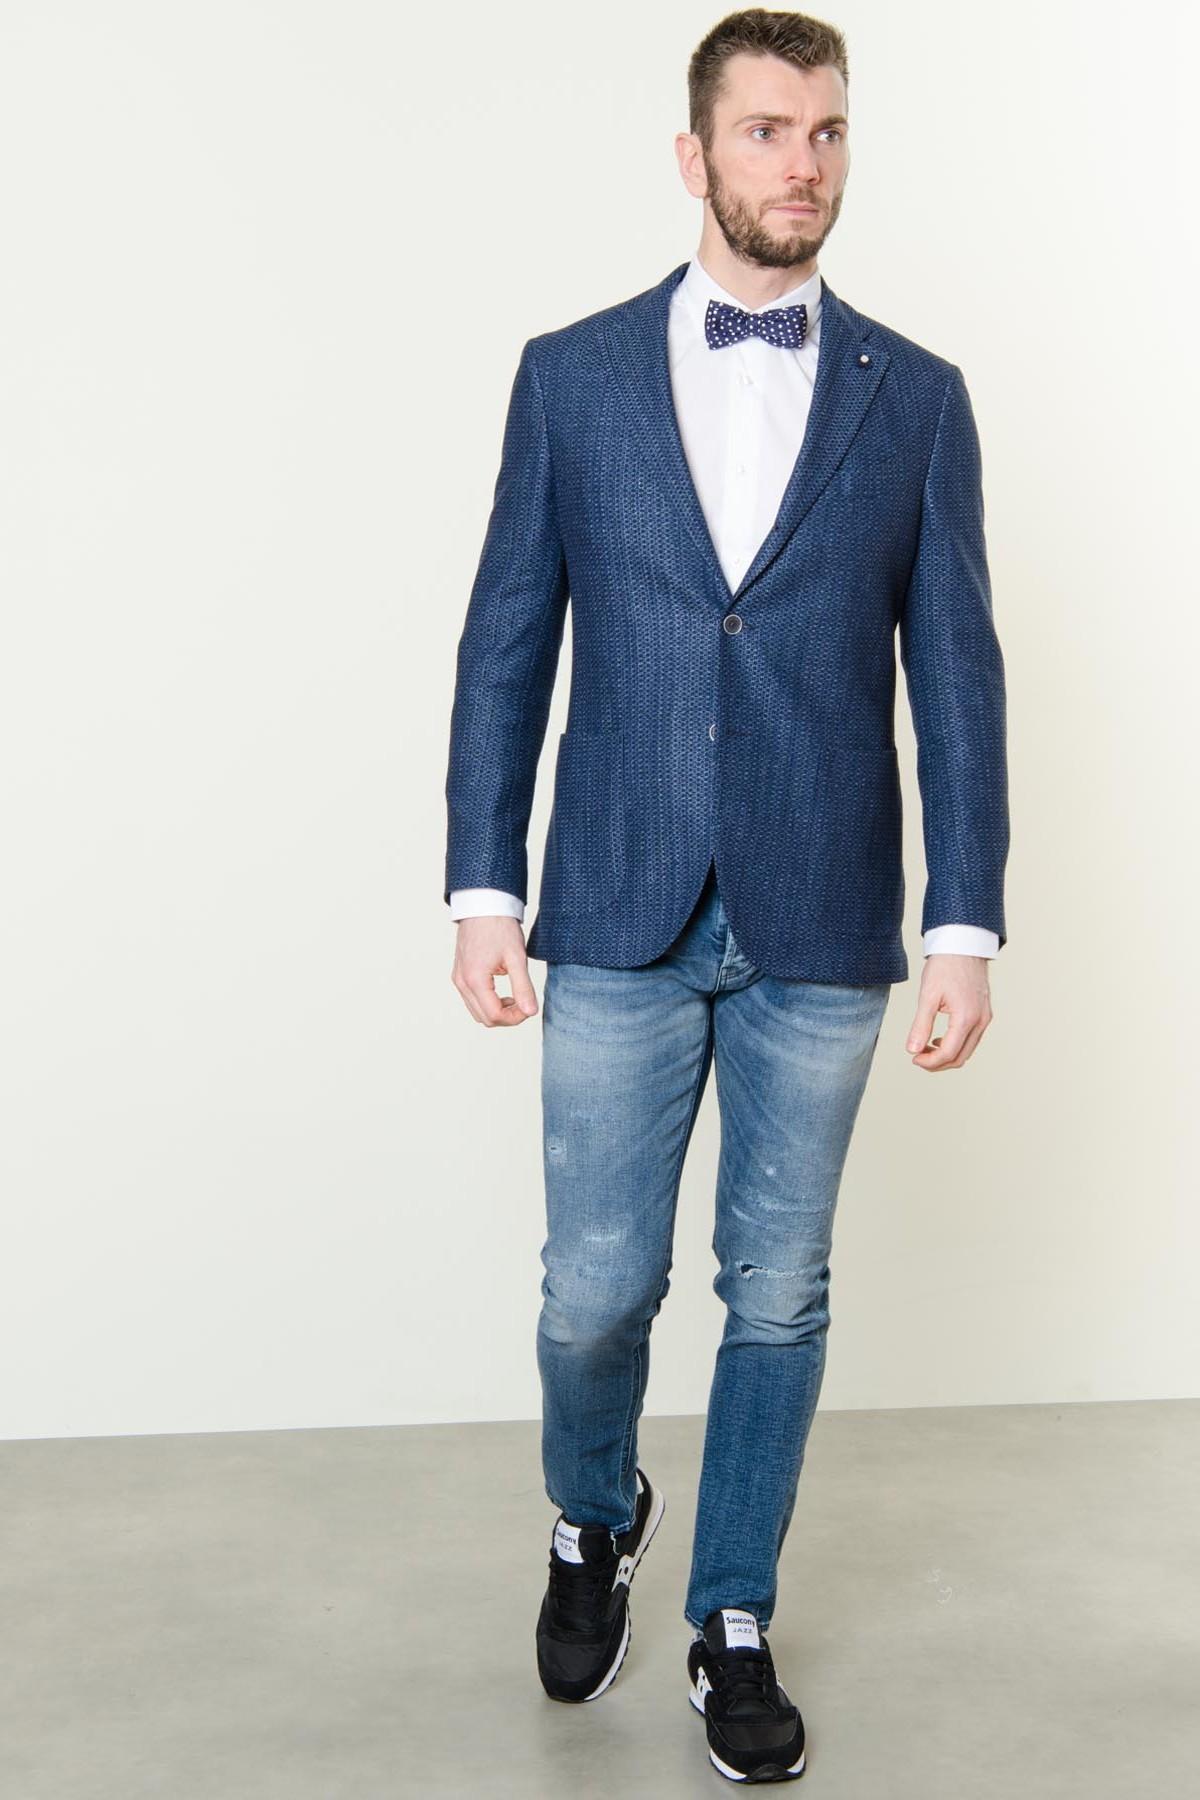 Matrimonio In Jeans E Giacca : Lardini p e giacca uomo monopetto rione fontana